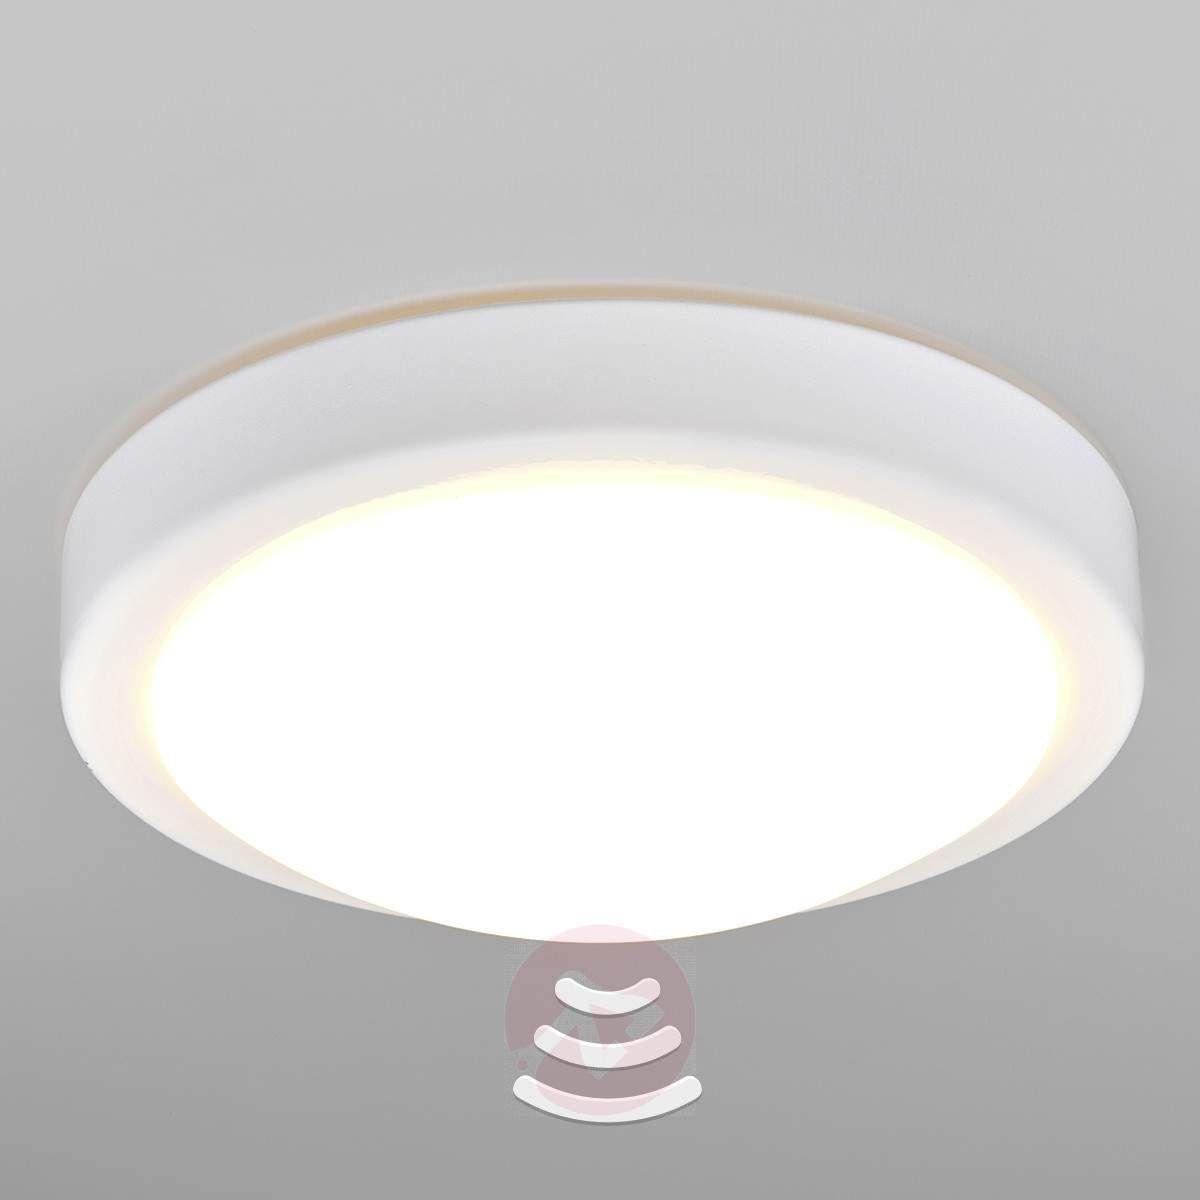 deckenlampe für badezimmer anregungen bild der decfafbbadebdcdac